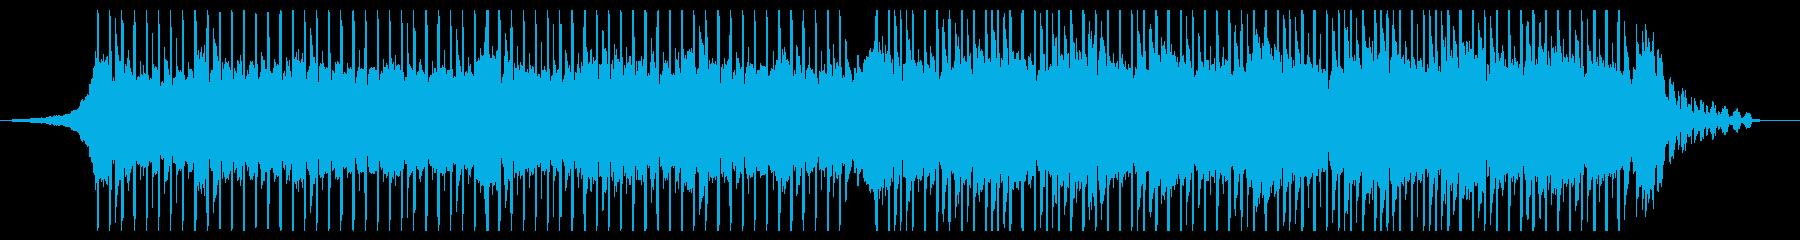 エレガント(中)の再生済みの波形